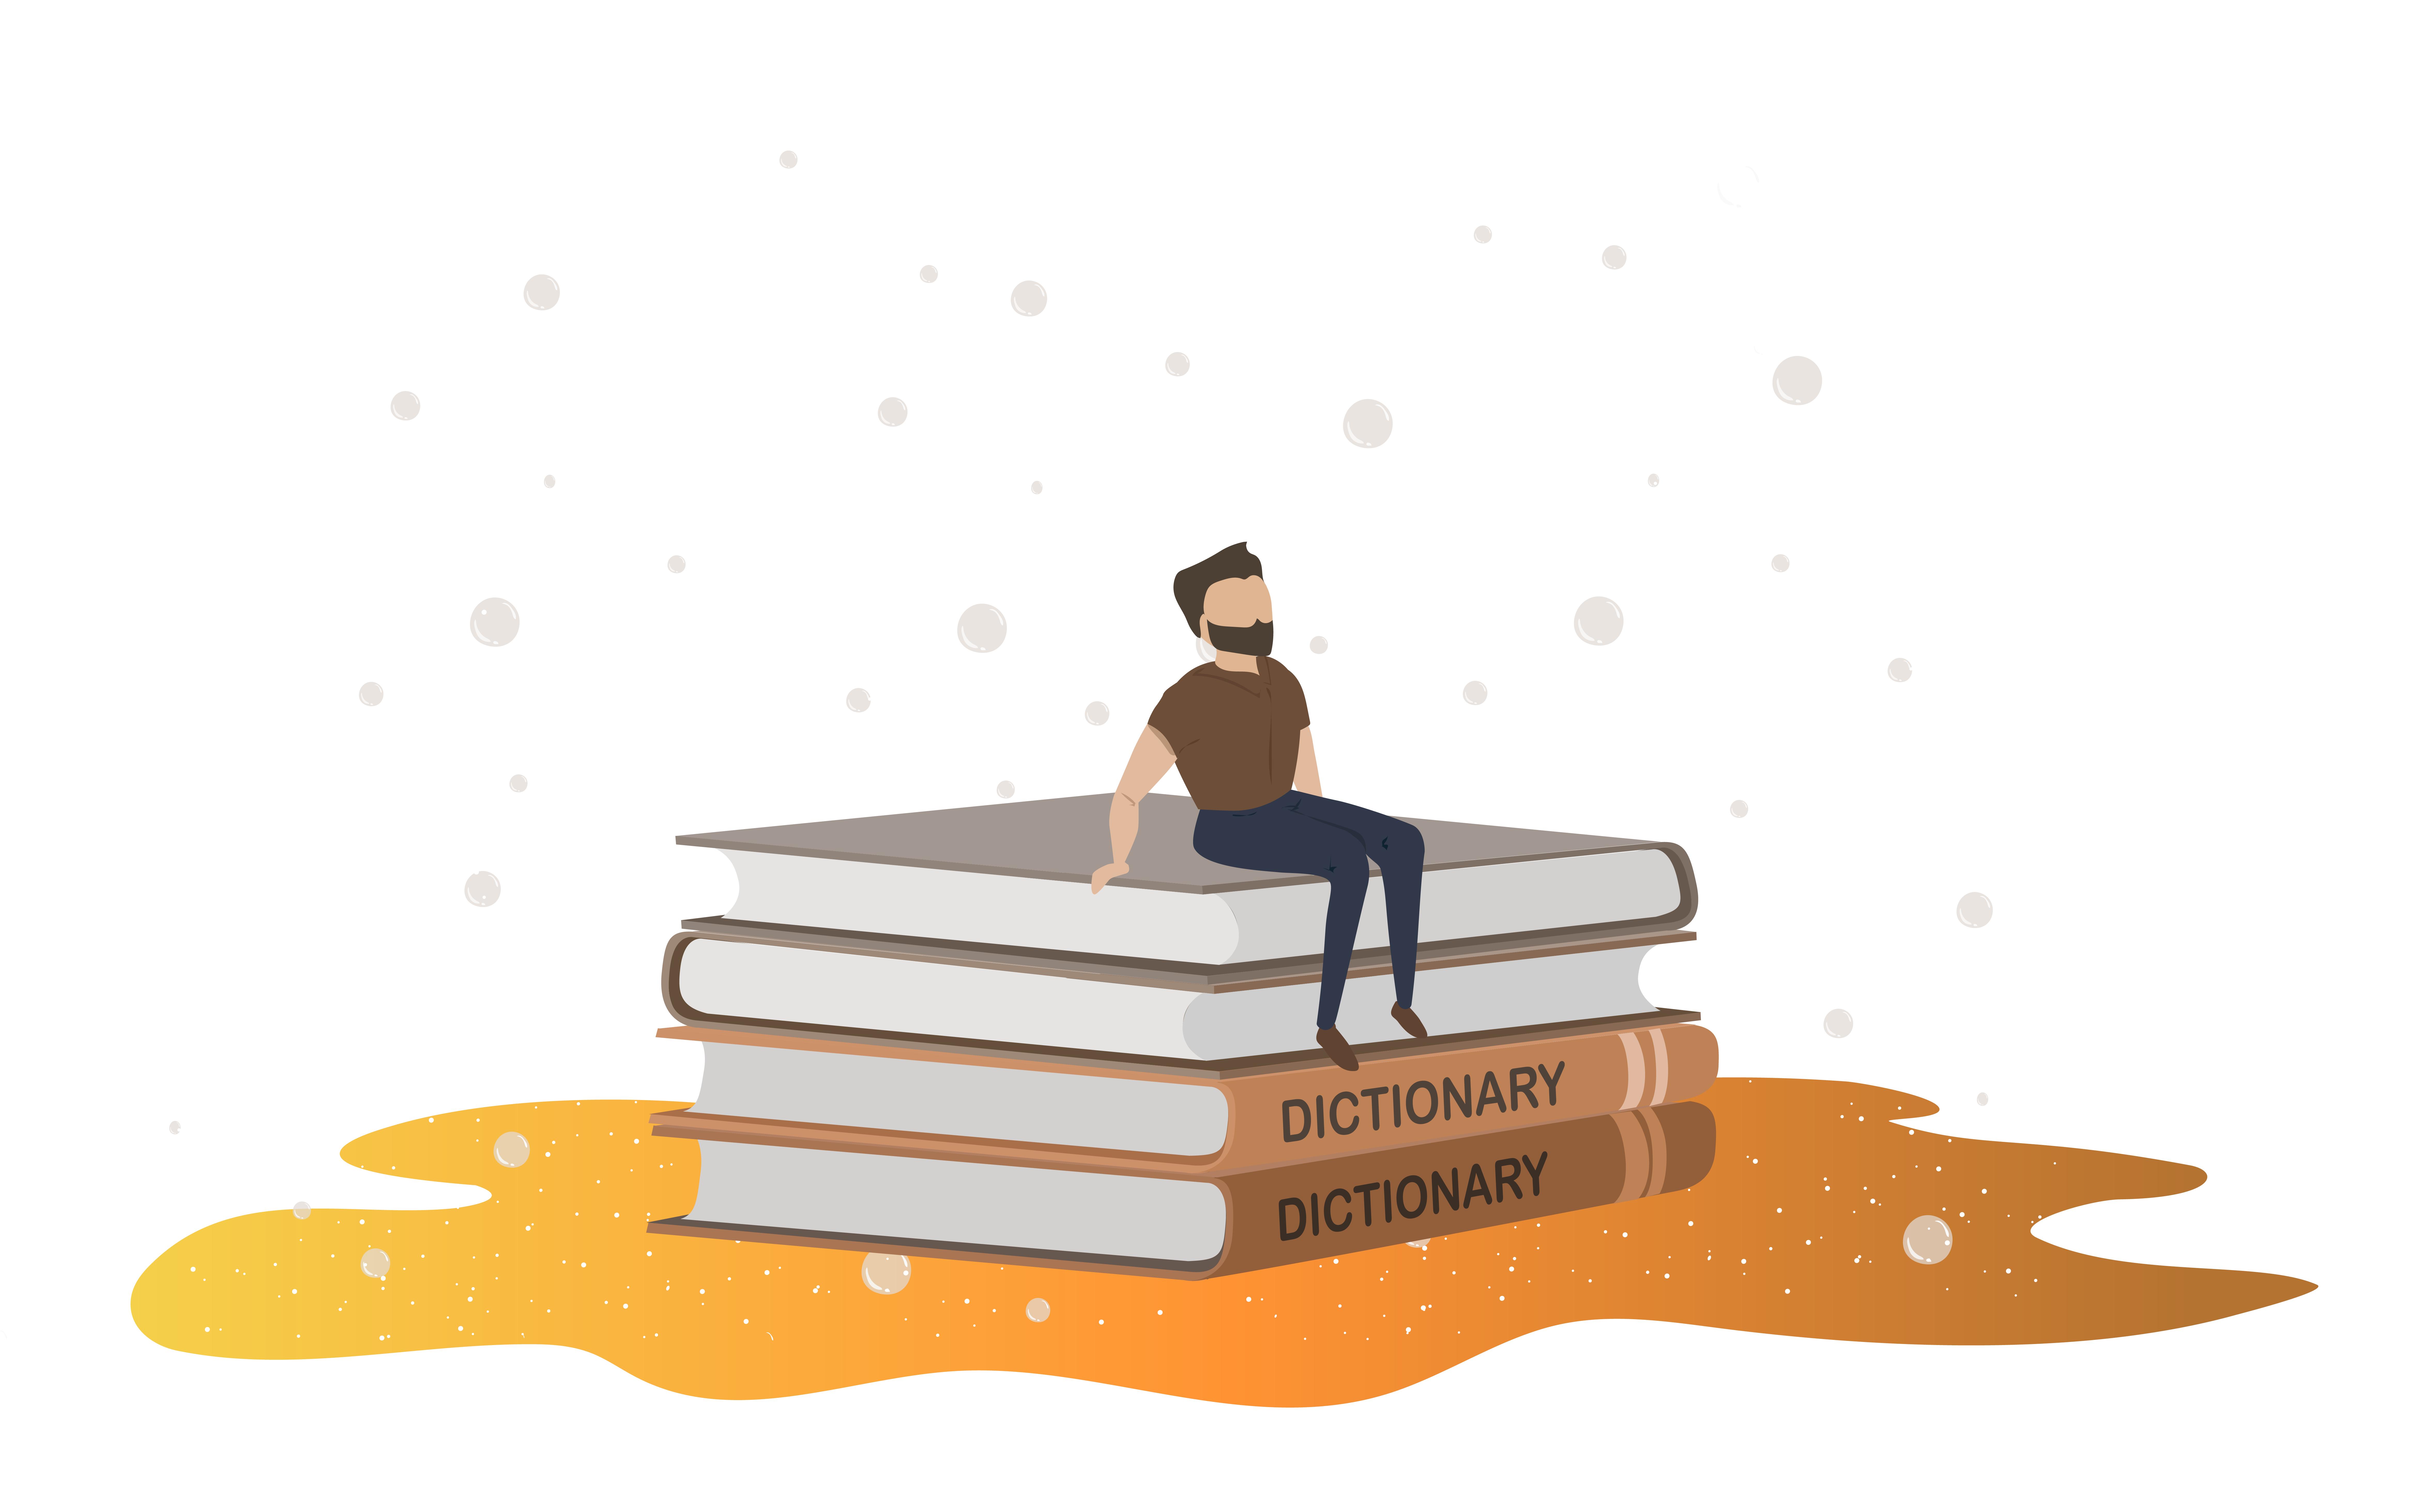 10 udfordringer man ofte støder på ved sprogversionering – samt løsninger på dem